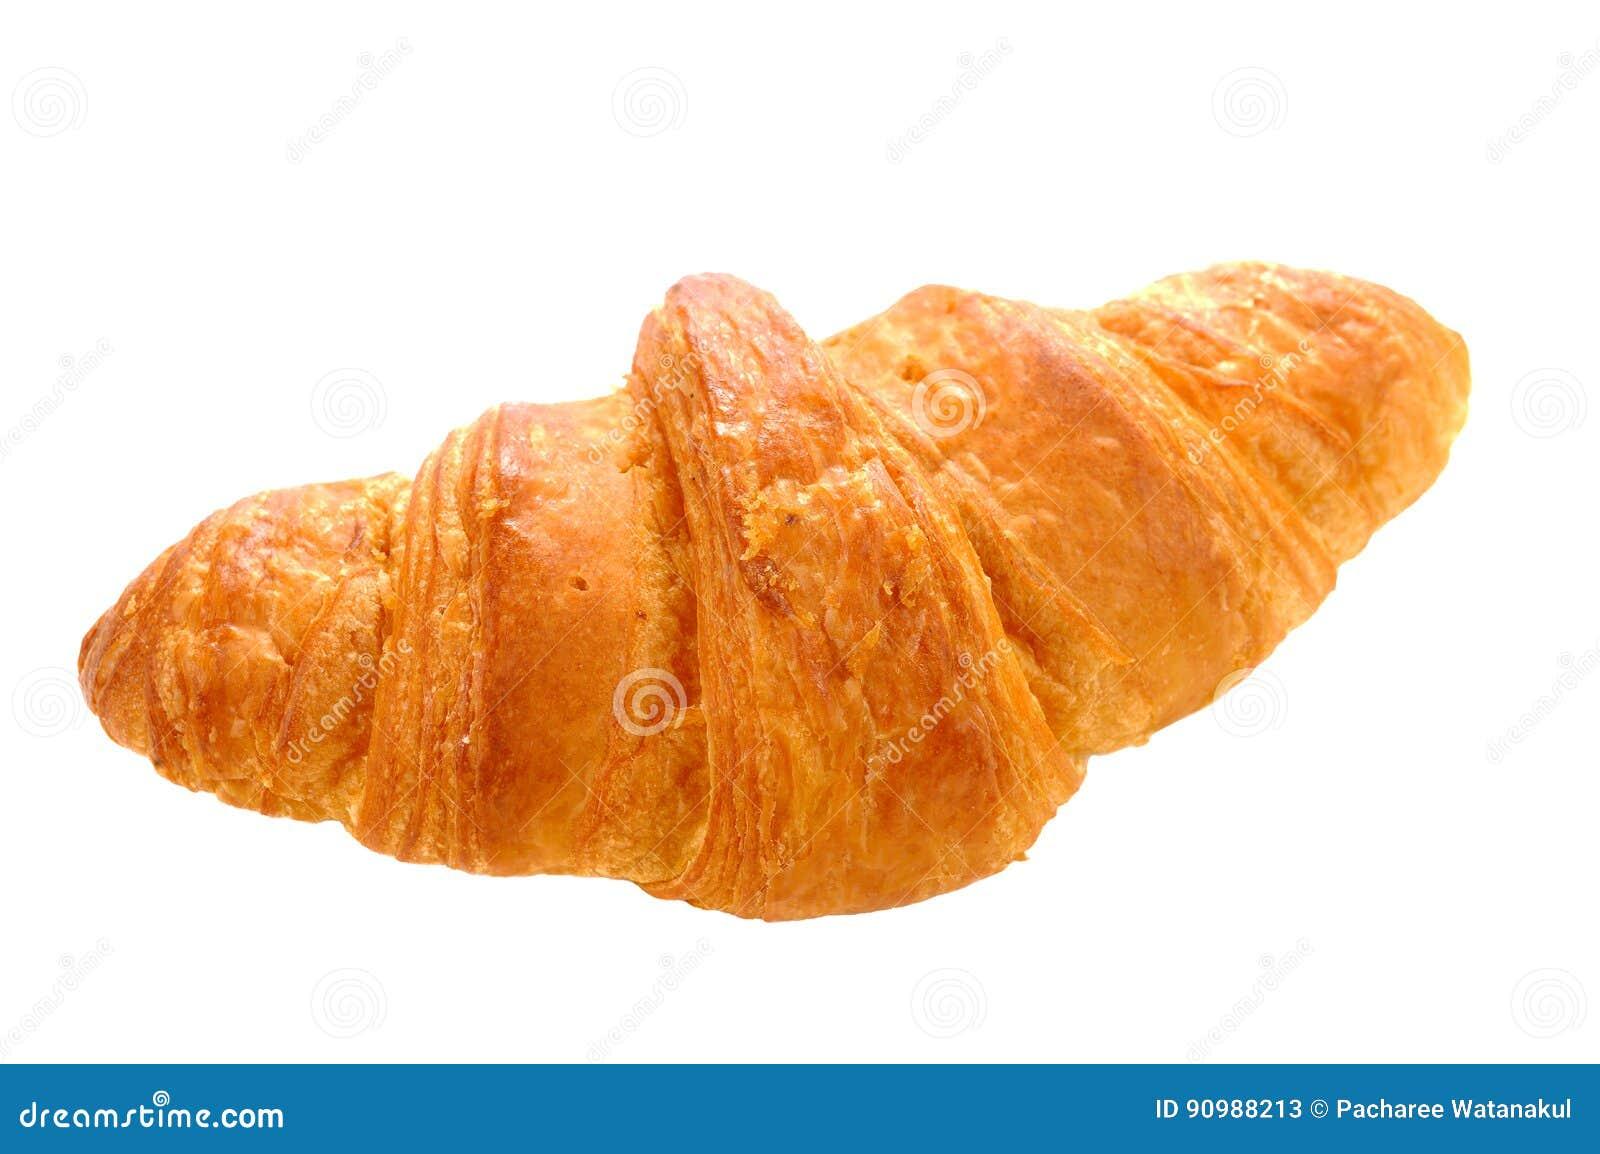 φρέσκος βουτύρου ολόκληρος σίτος croissant στο άσπρο υπόβαθρο